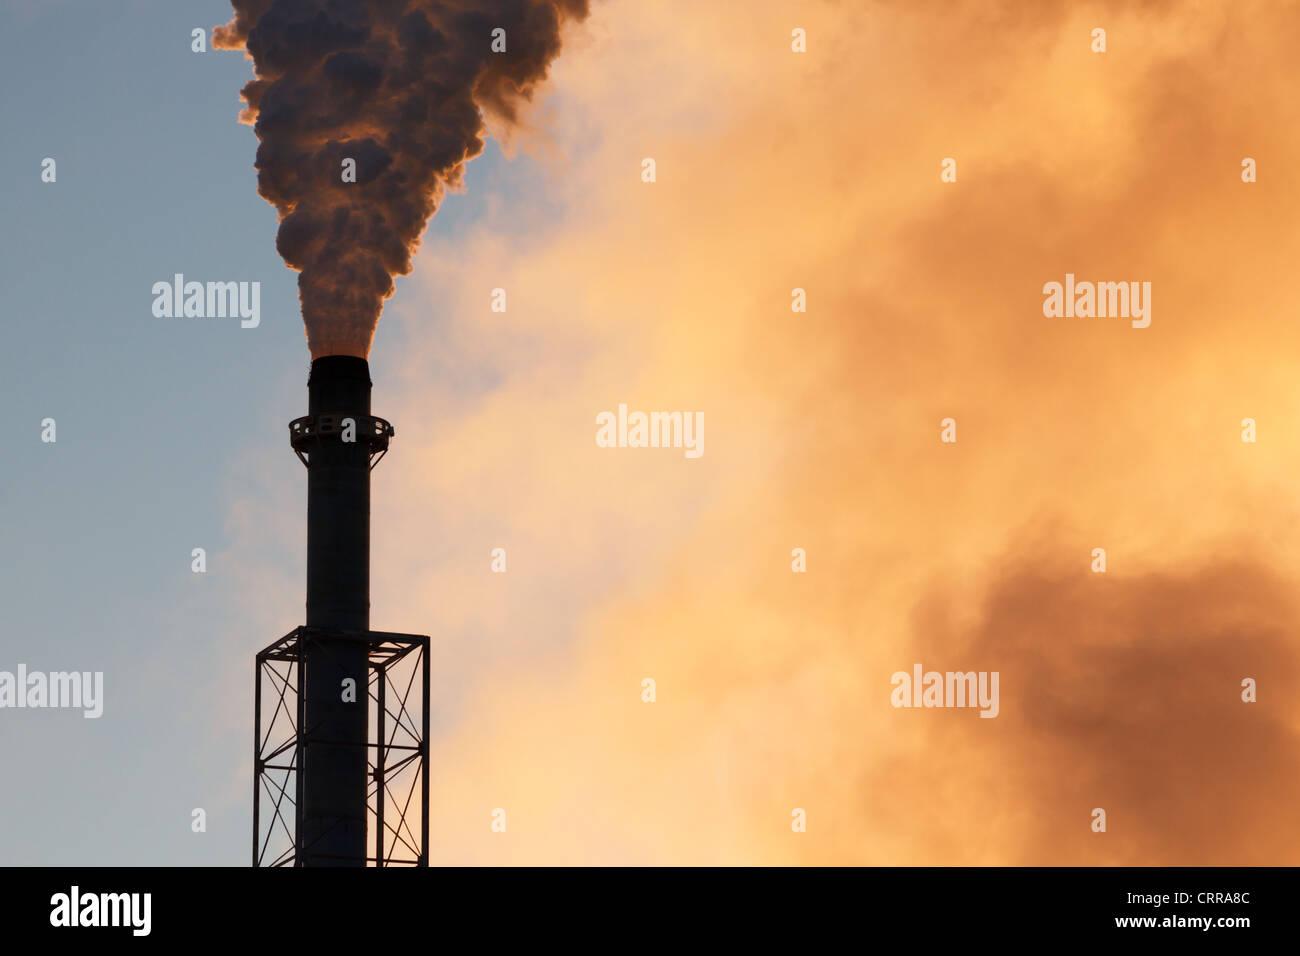 Ein Schornstein Rauch in einer frühen Morgenhimmel gießen. Stockbild